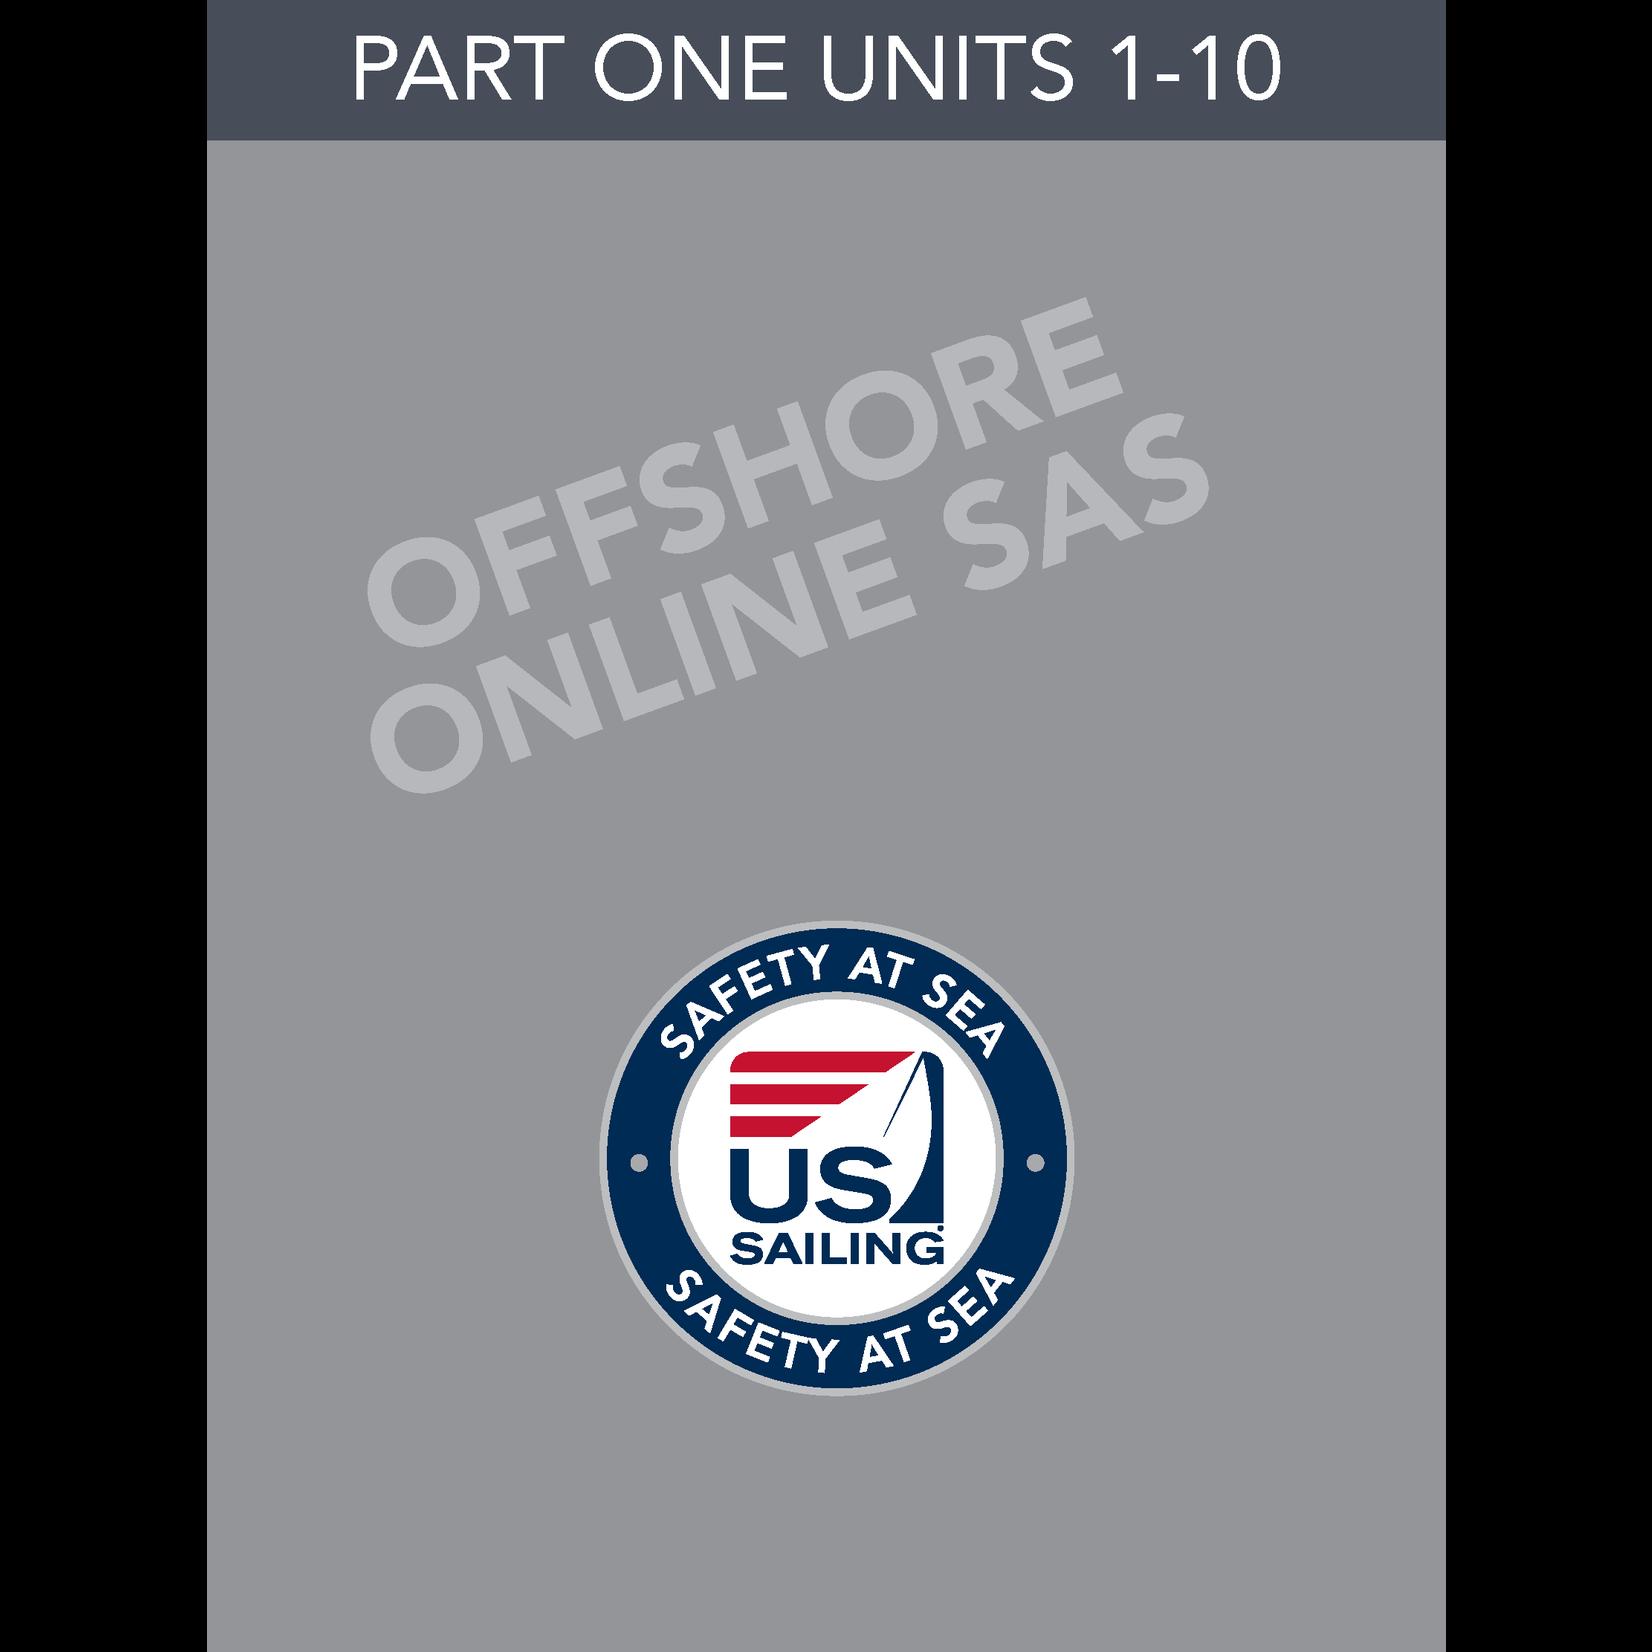 Offshore Online SAS, Part ONE Units 1-10  $85